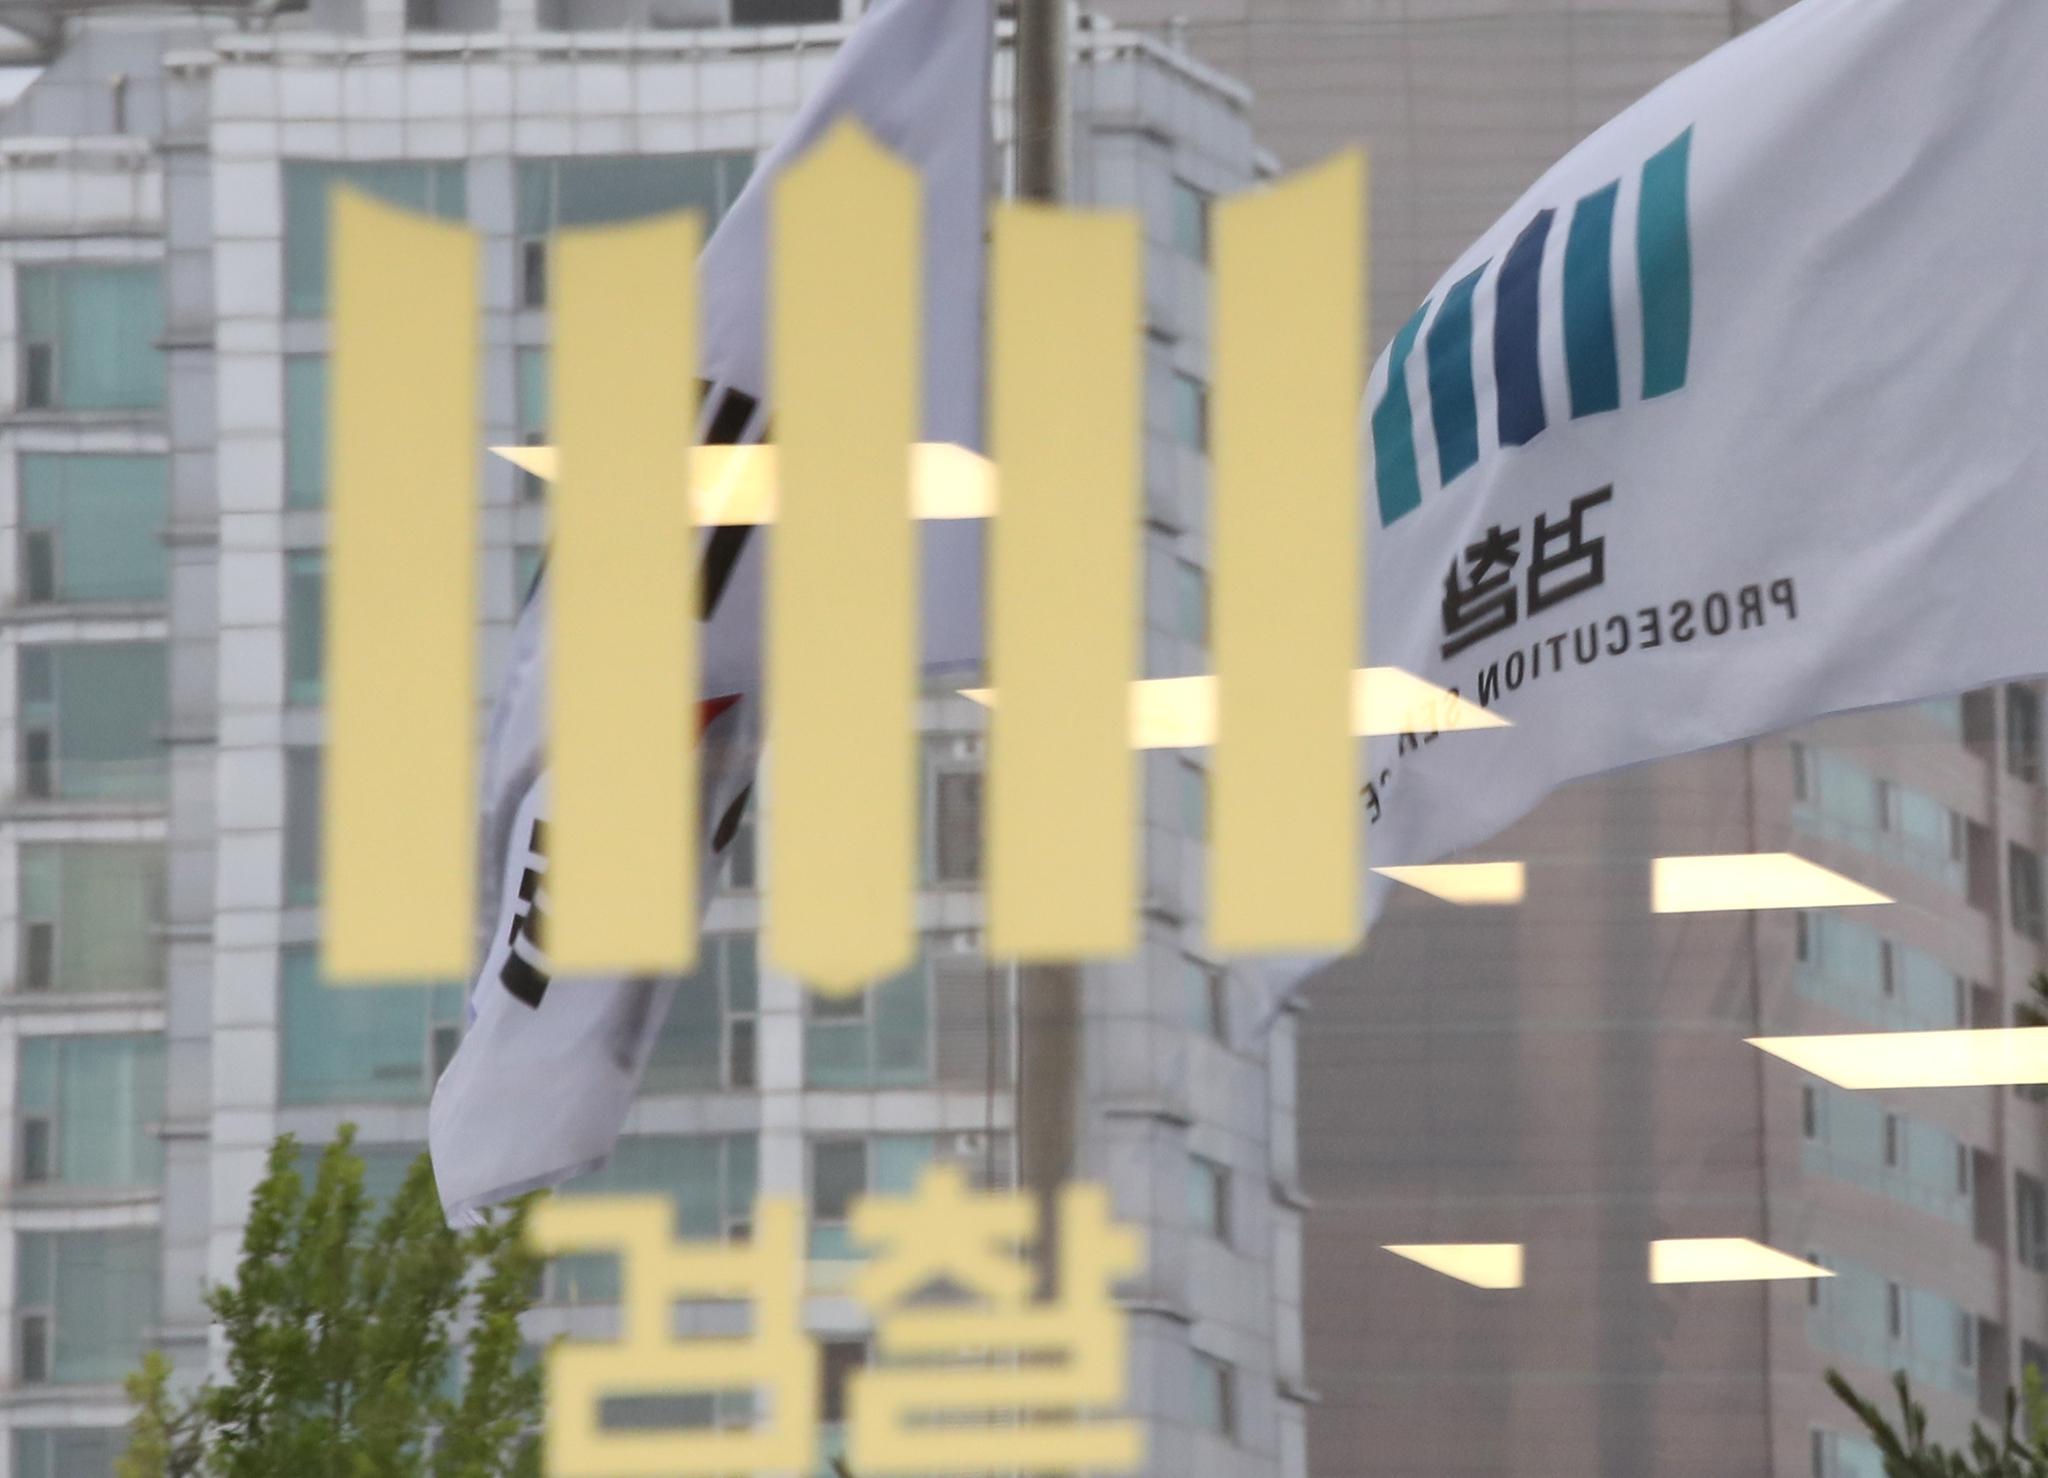 13일 서울 서초구 서울중앙지검 건물에 휘날리는 검찰 깃발이 보이고 있다. 연합뉴스